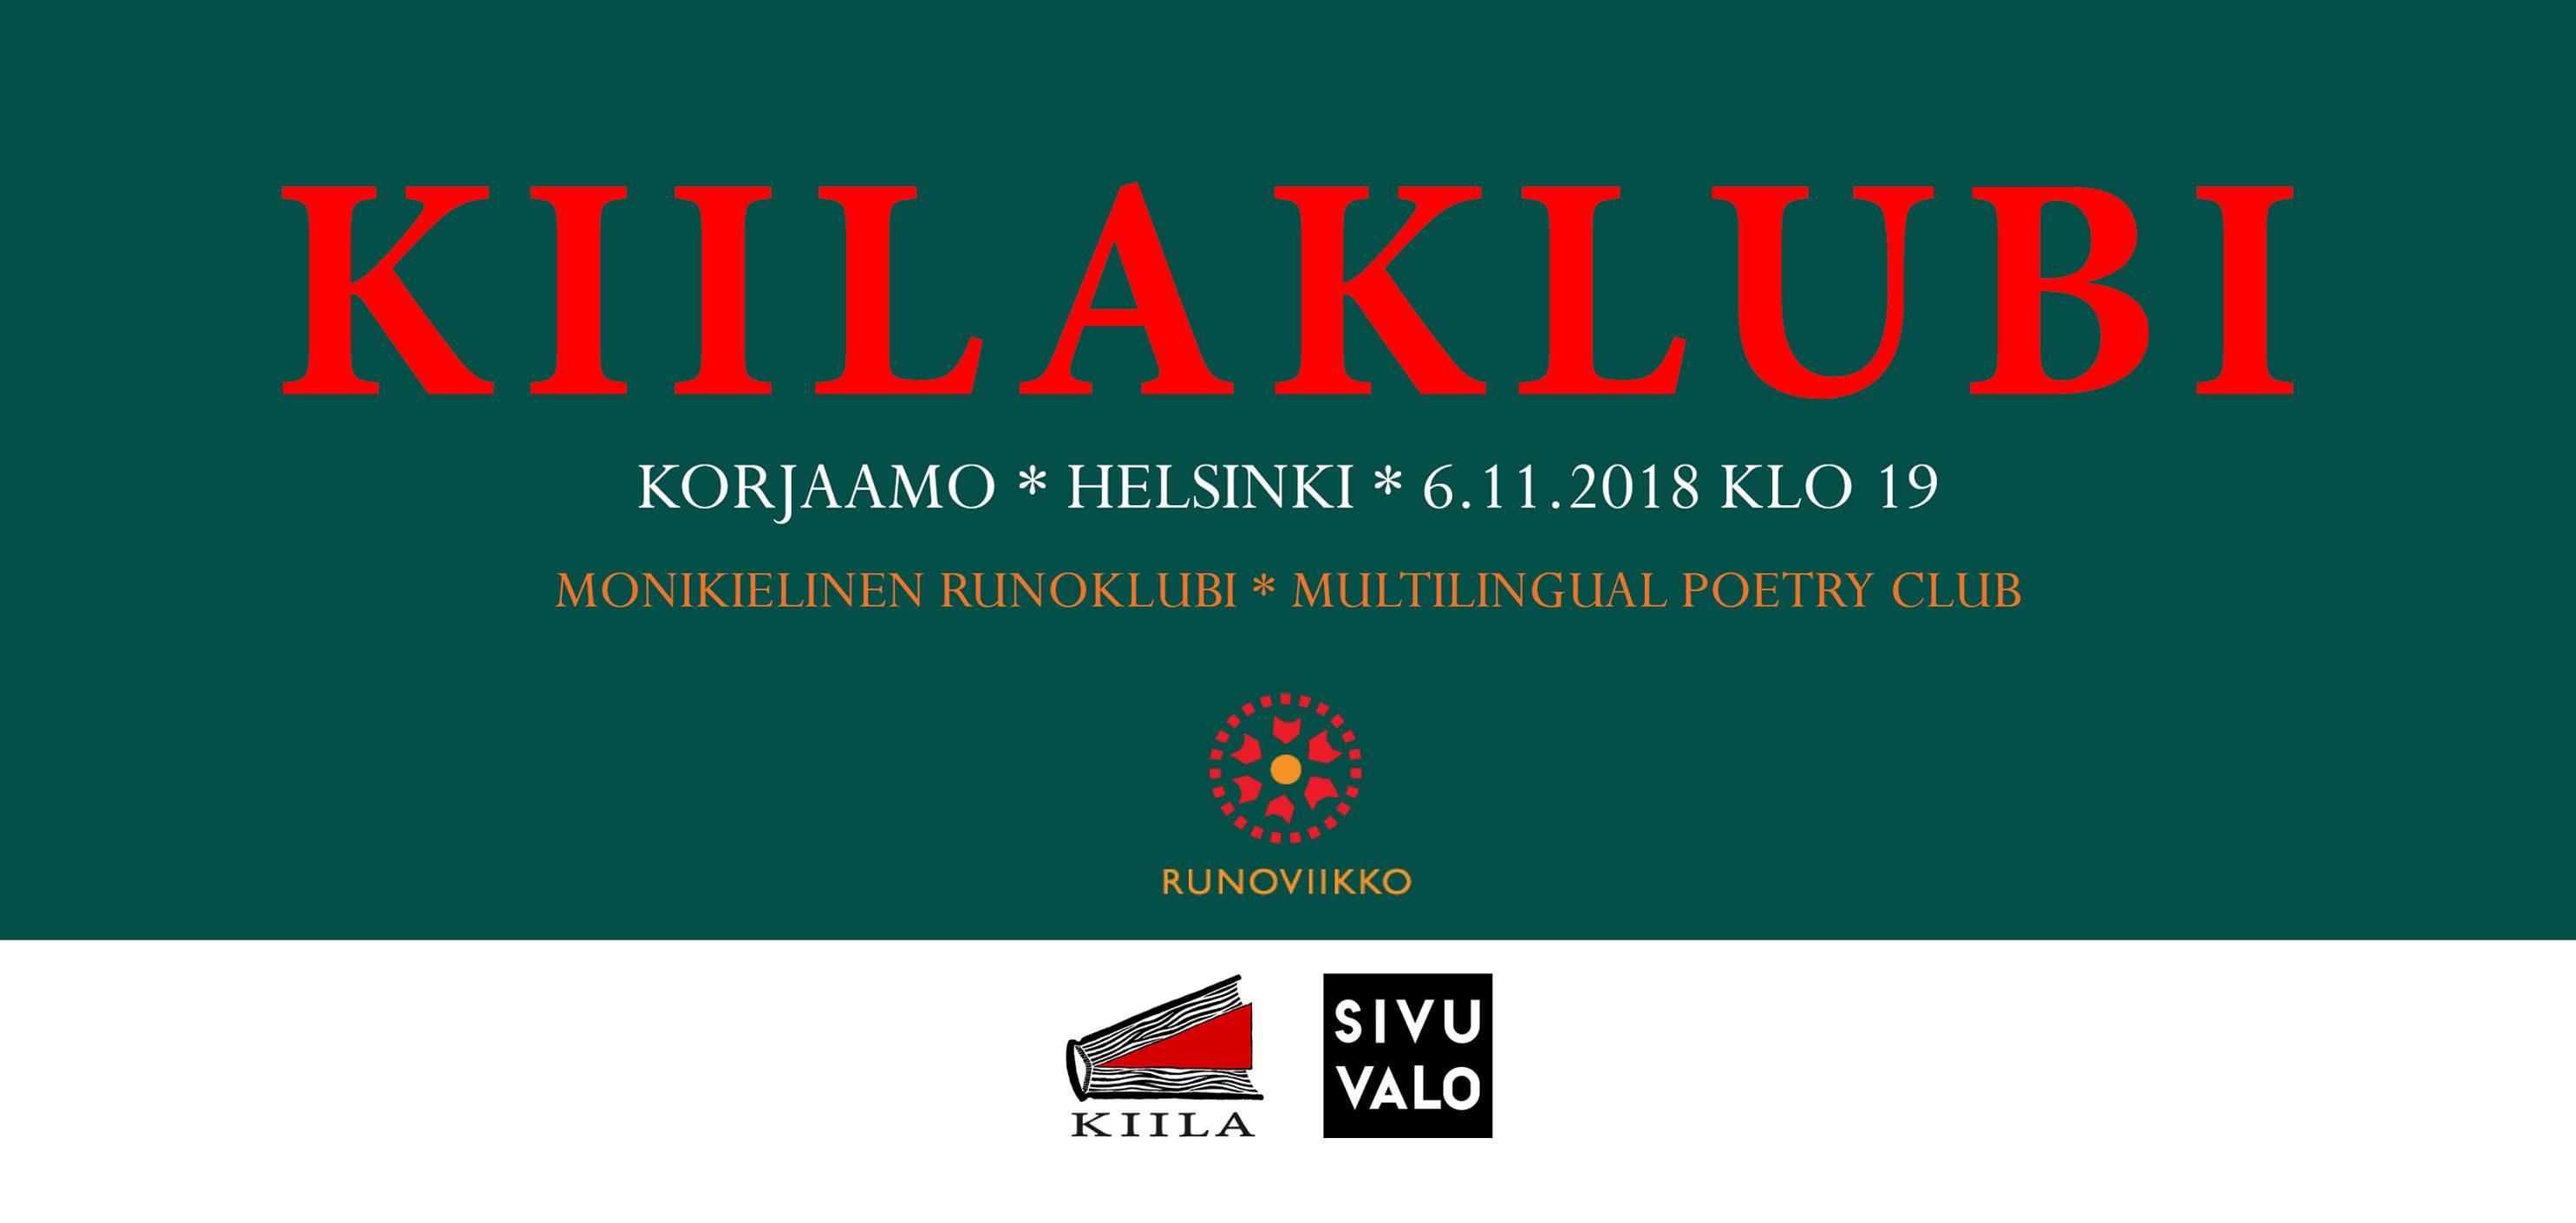 RUNO & ELÄIN – Runoviikko-festivaali